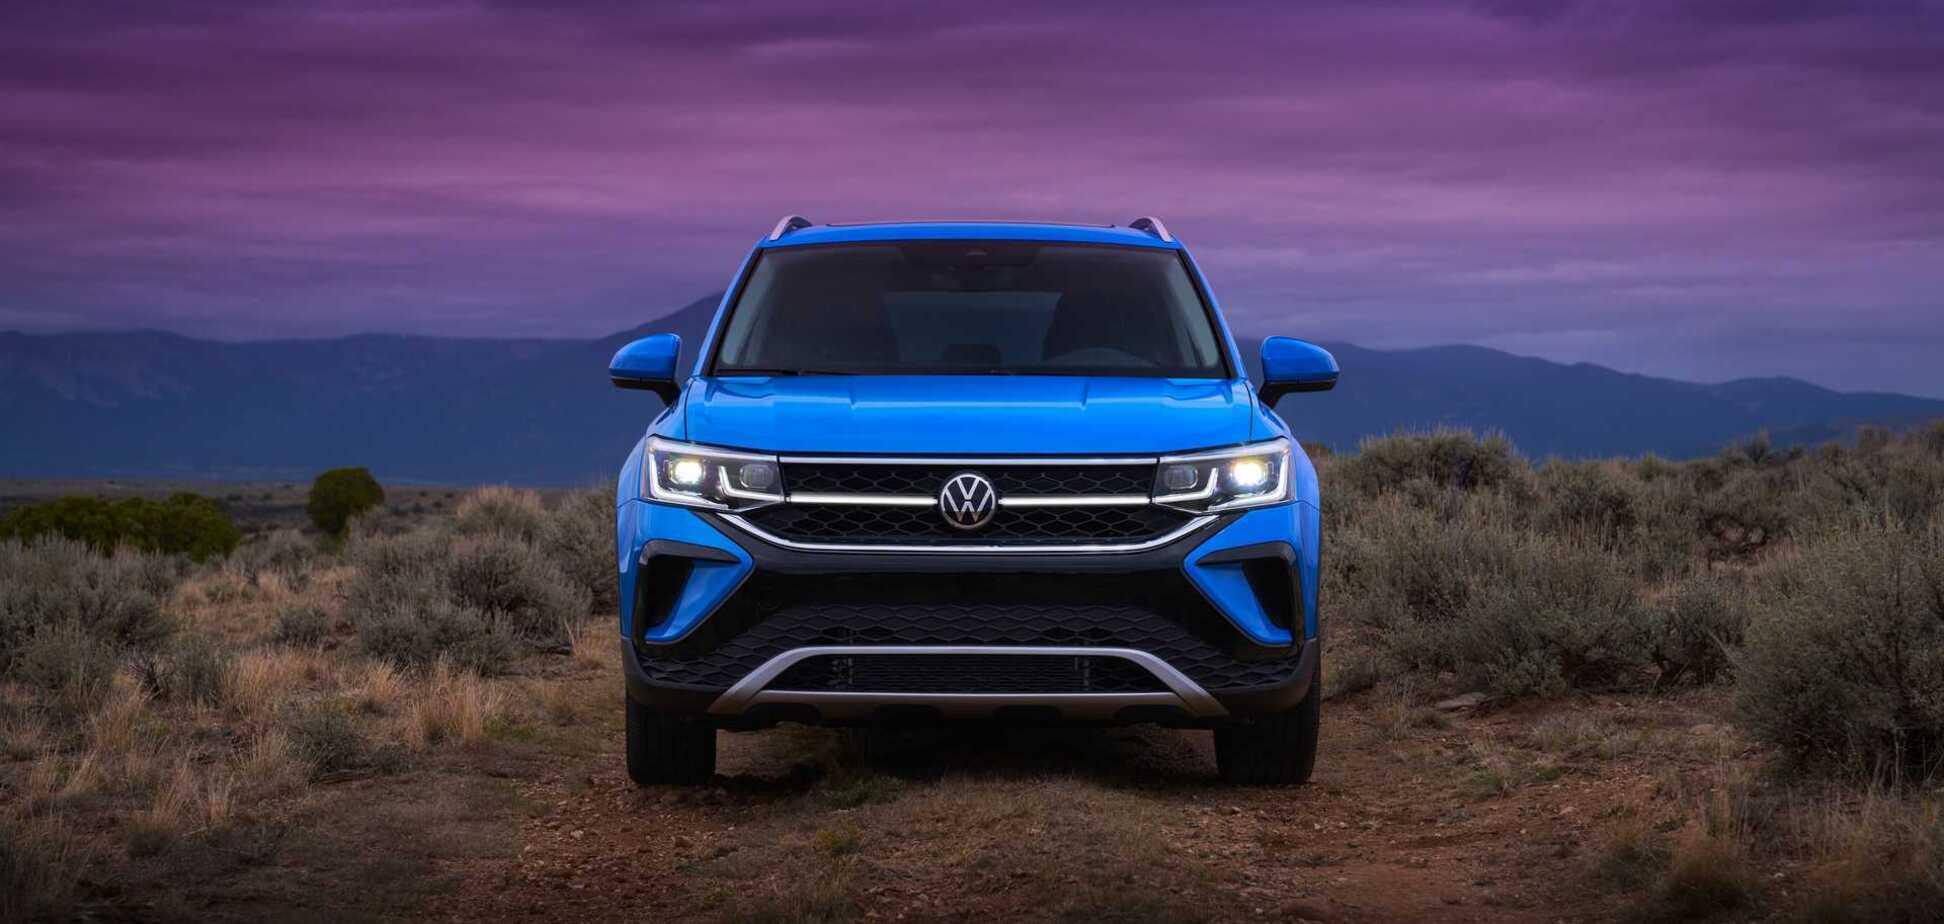 Представлено новий кросовер Volkswagen Taos з двигуном від Jetta